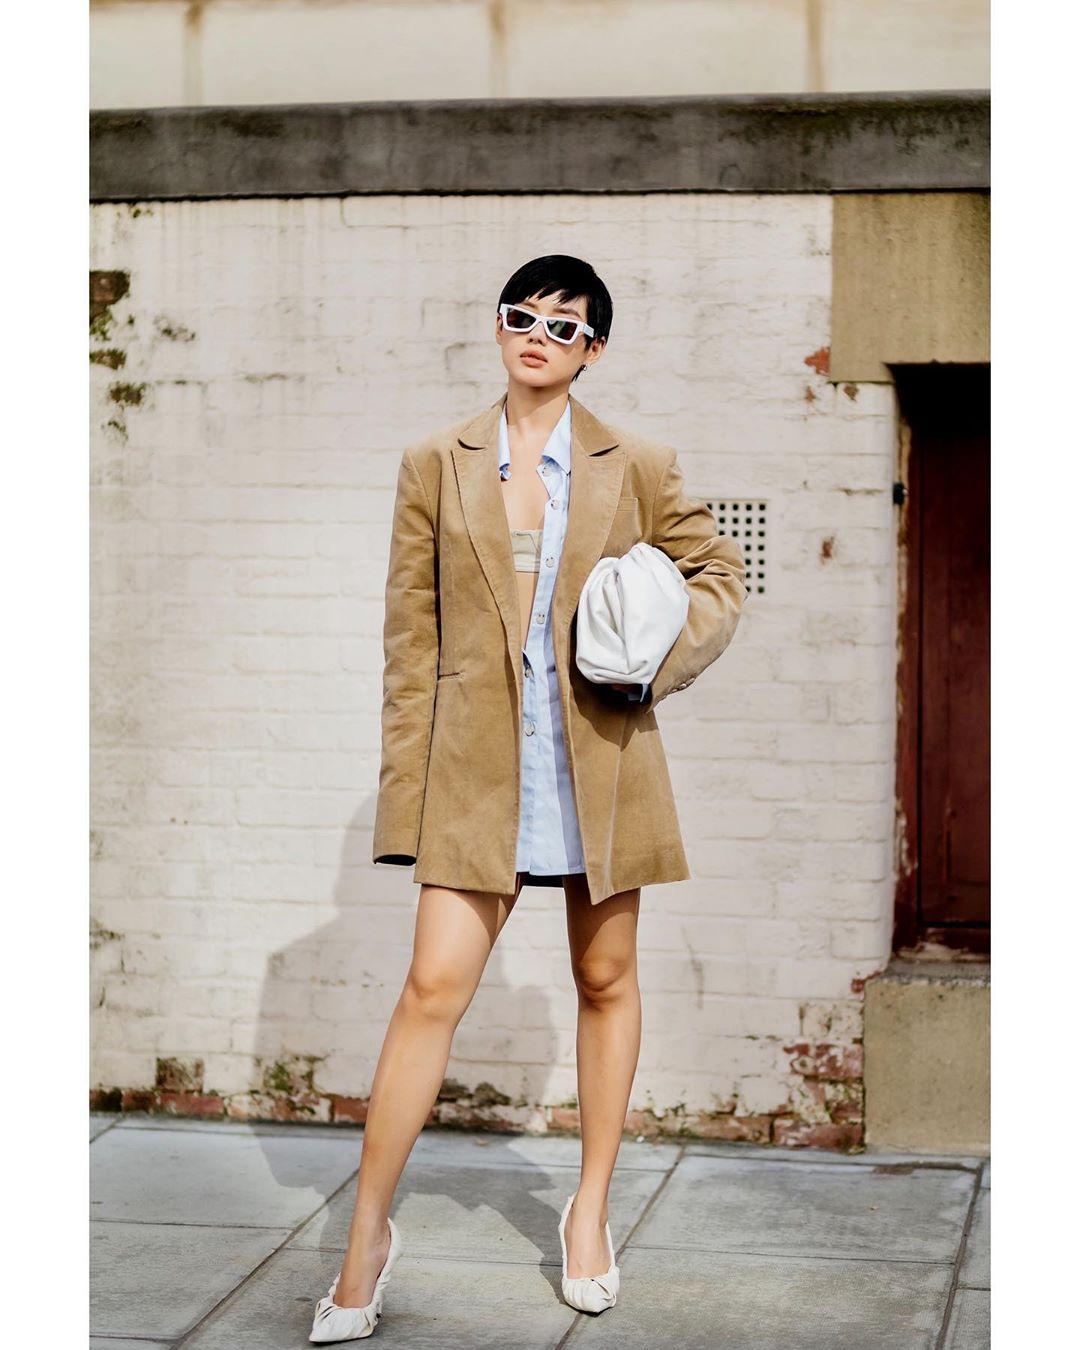 klinhnd mặc trang phục menswear mang túi cầm tay màu trắng